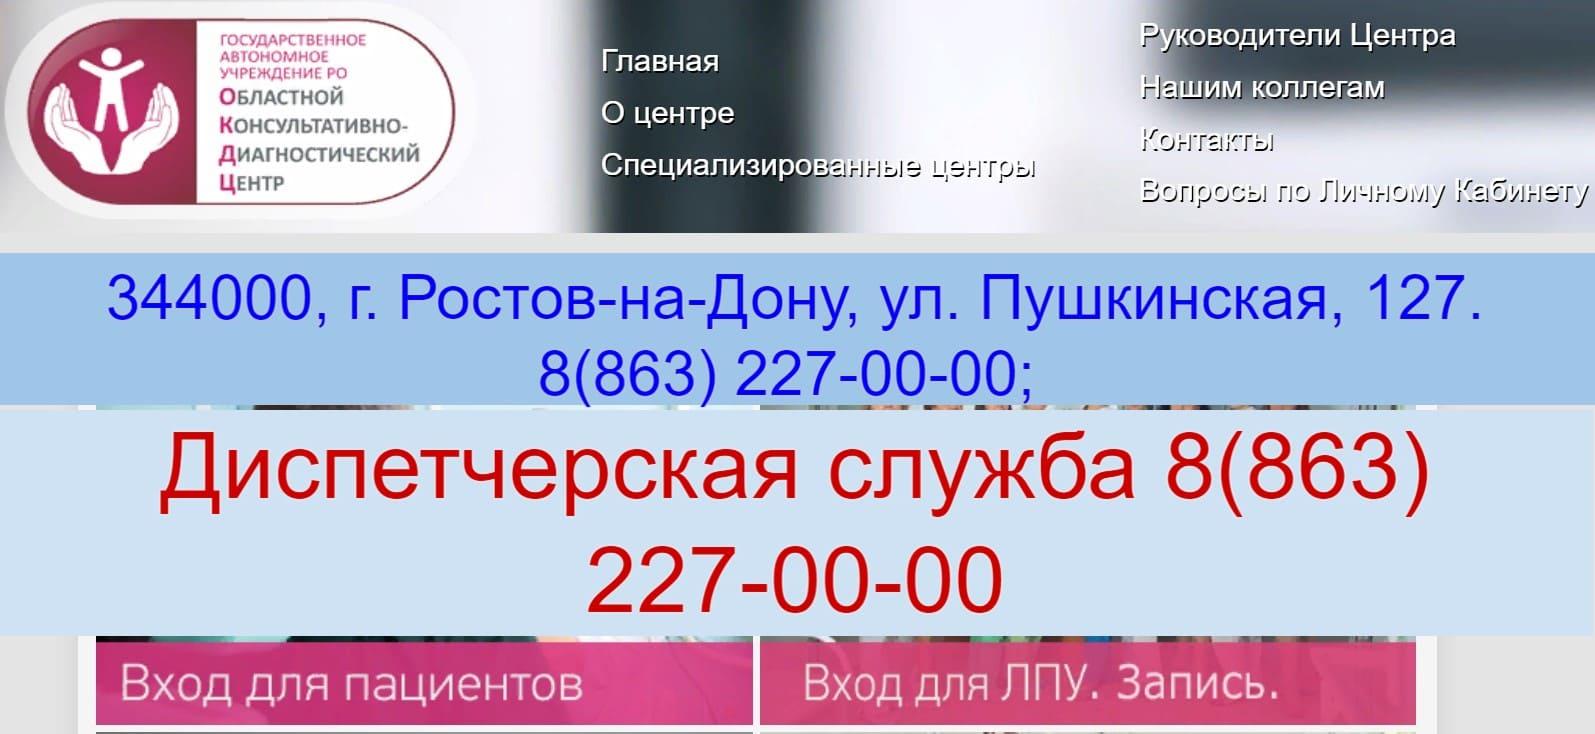 ОКДЦ Ростов личный кабинет